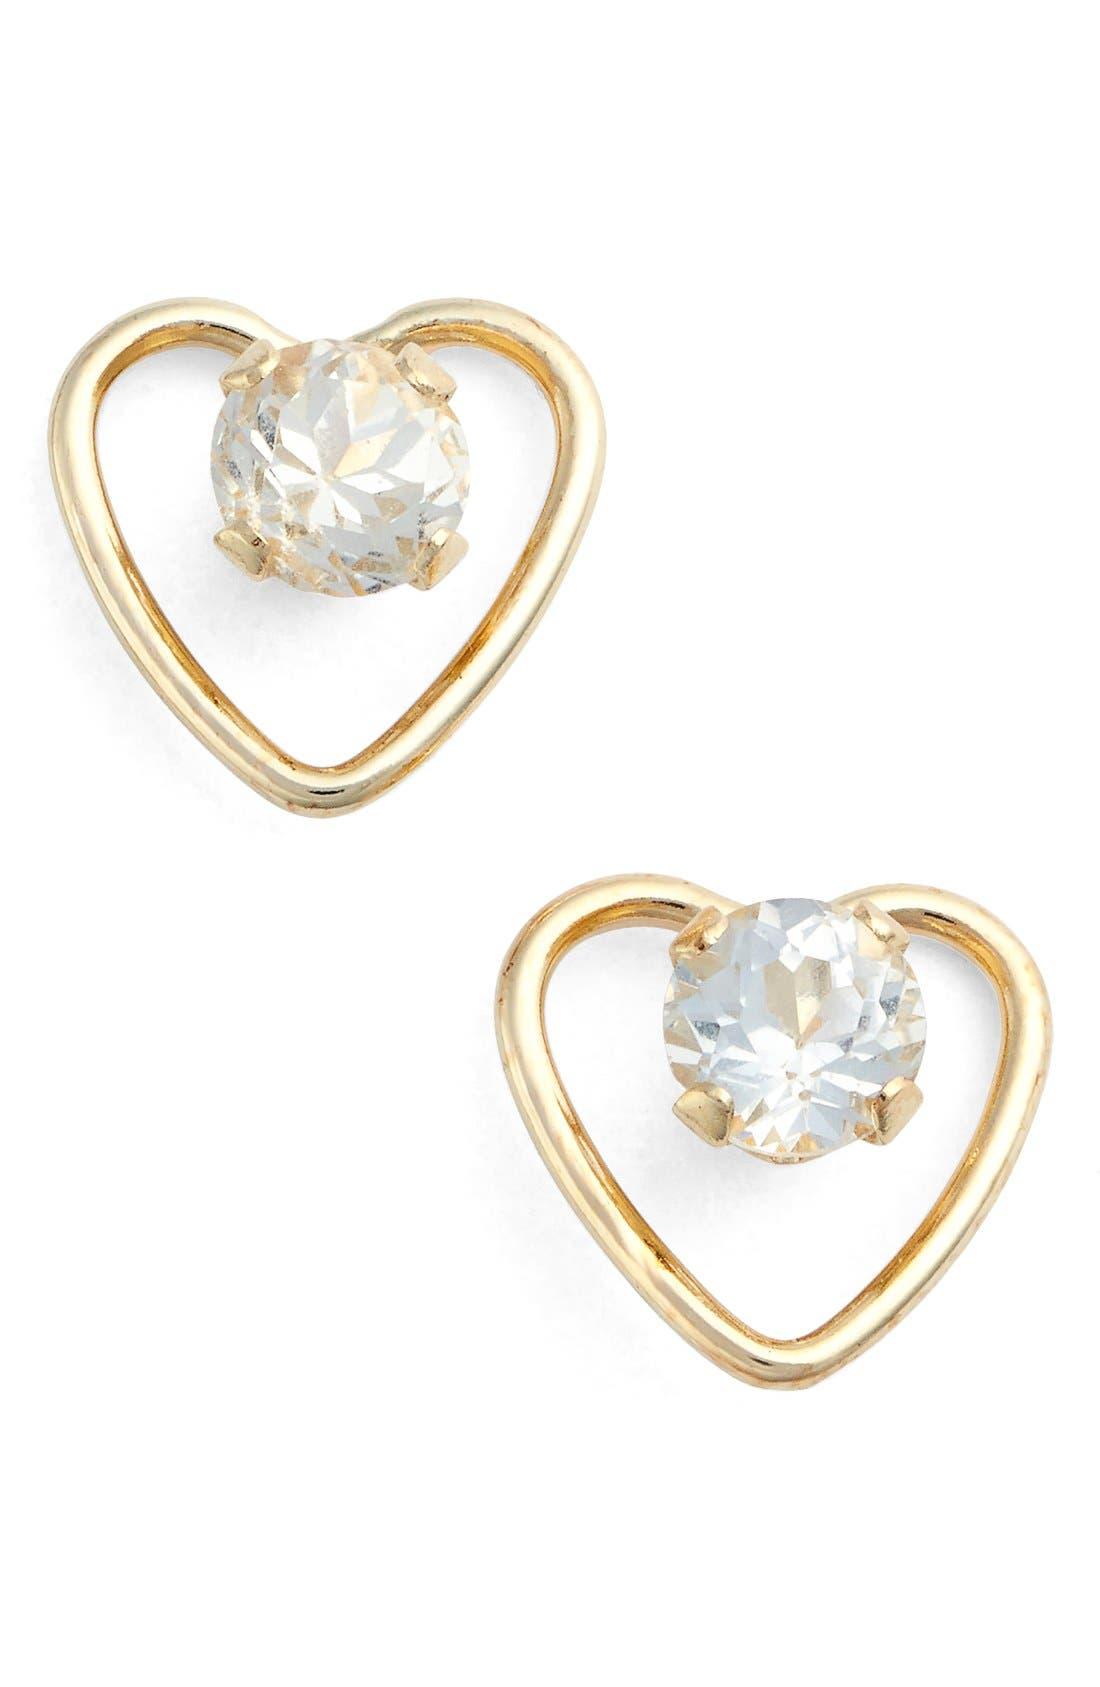 KARDEE JEWELRY Cubic Zirconia Heart Earrings